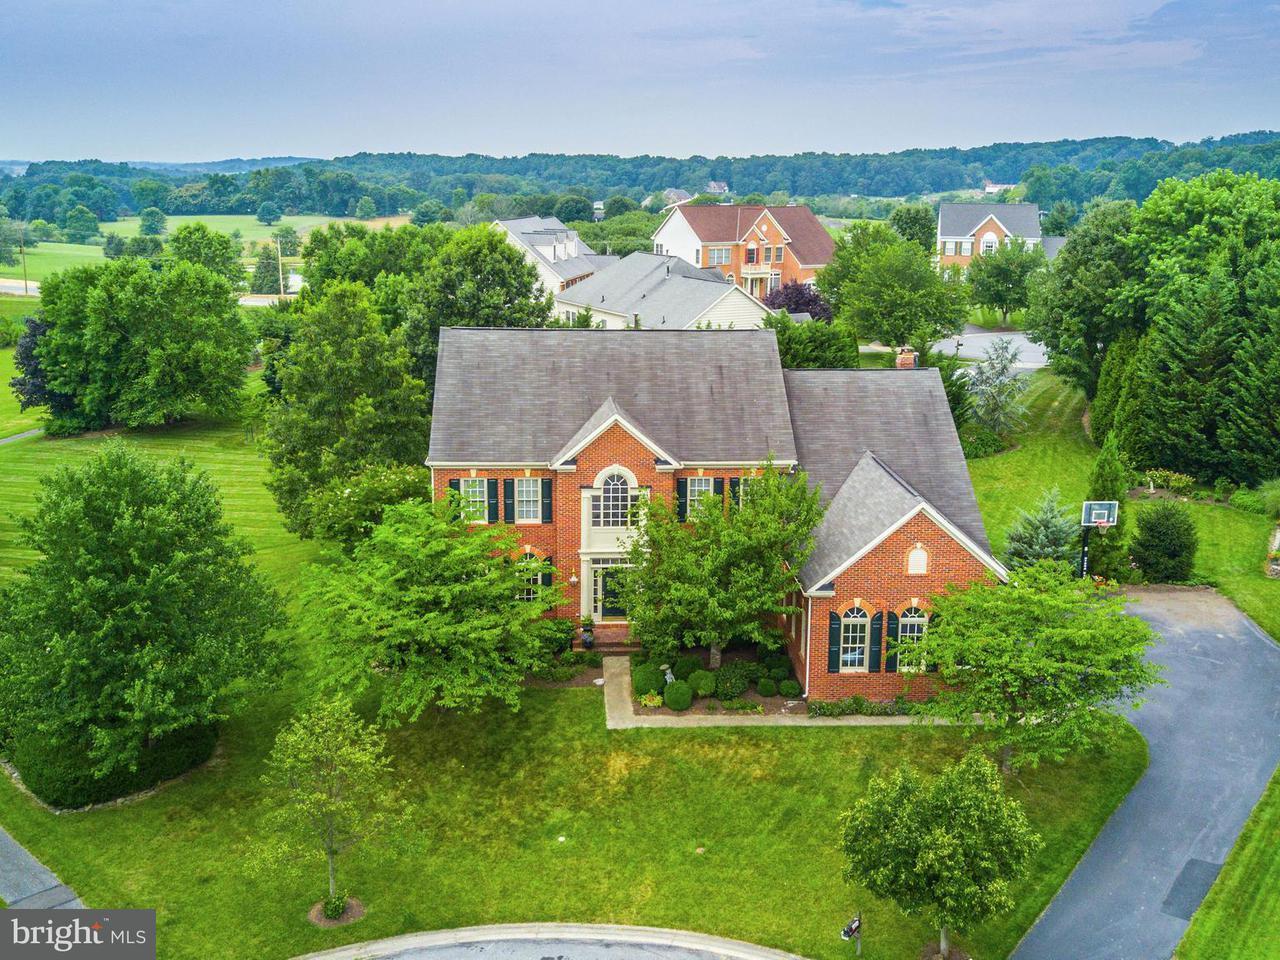 獨棟家庭住宅 為 出售 在 6604 Mackenzie Place 6604 Mackenzie Place Ijamsville, 馬里蘭州 21754 美國